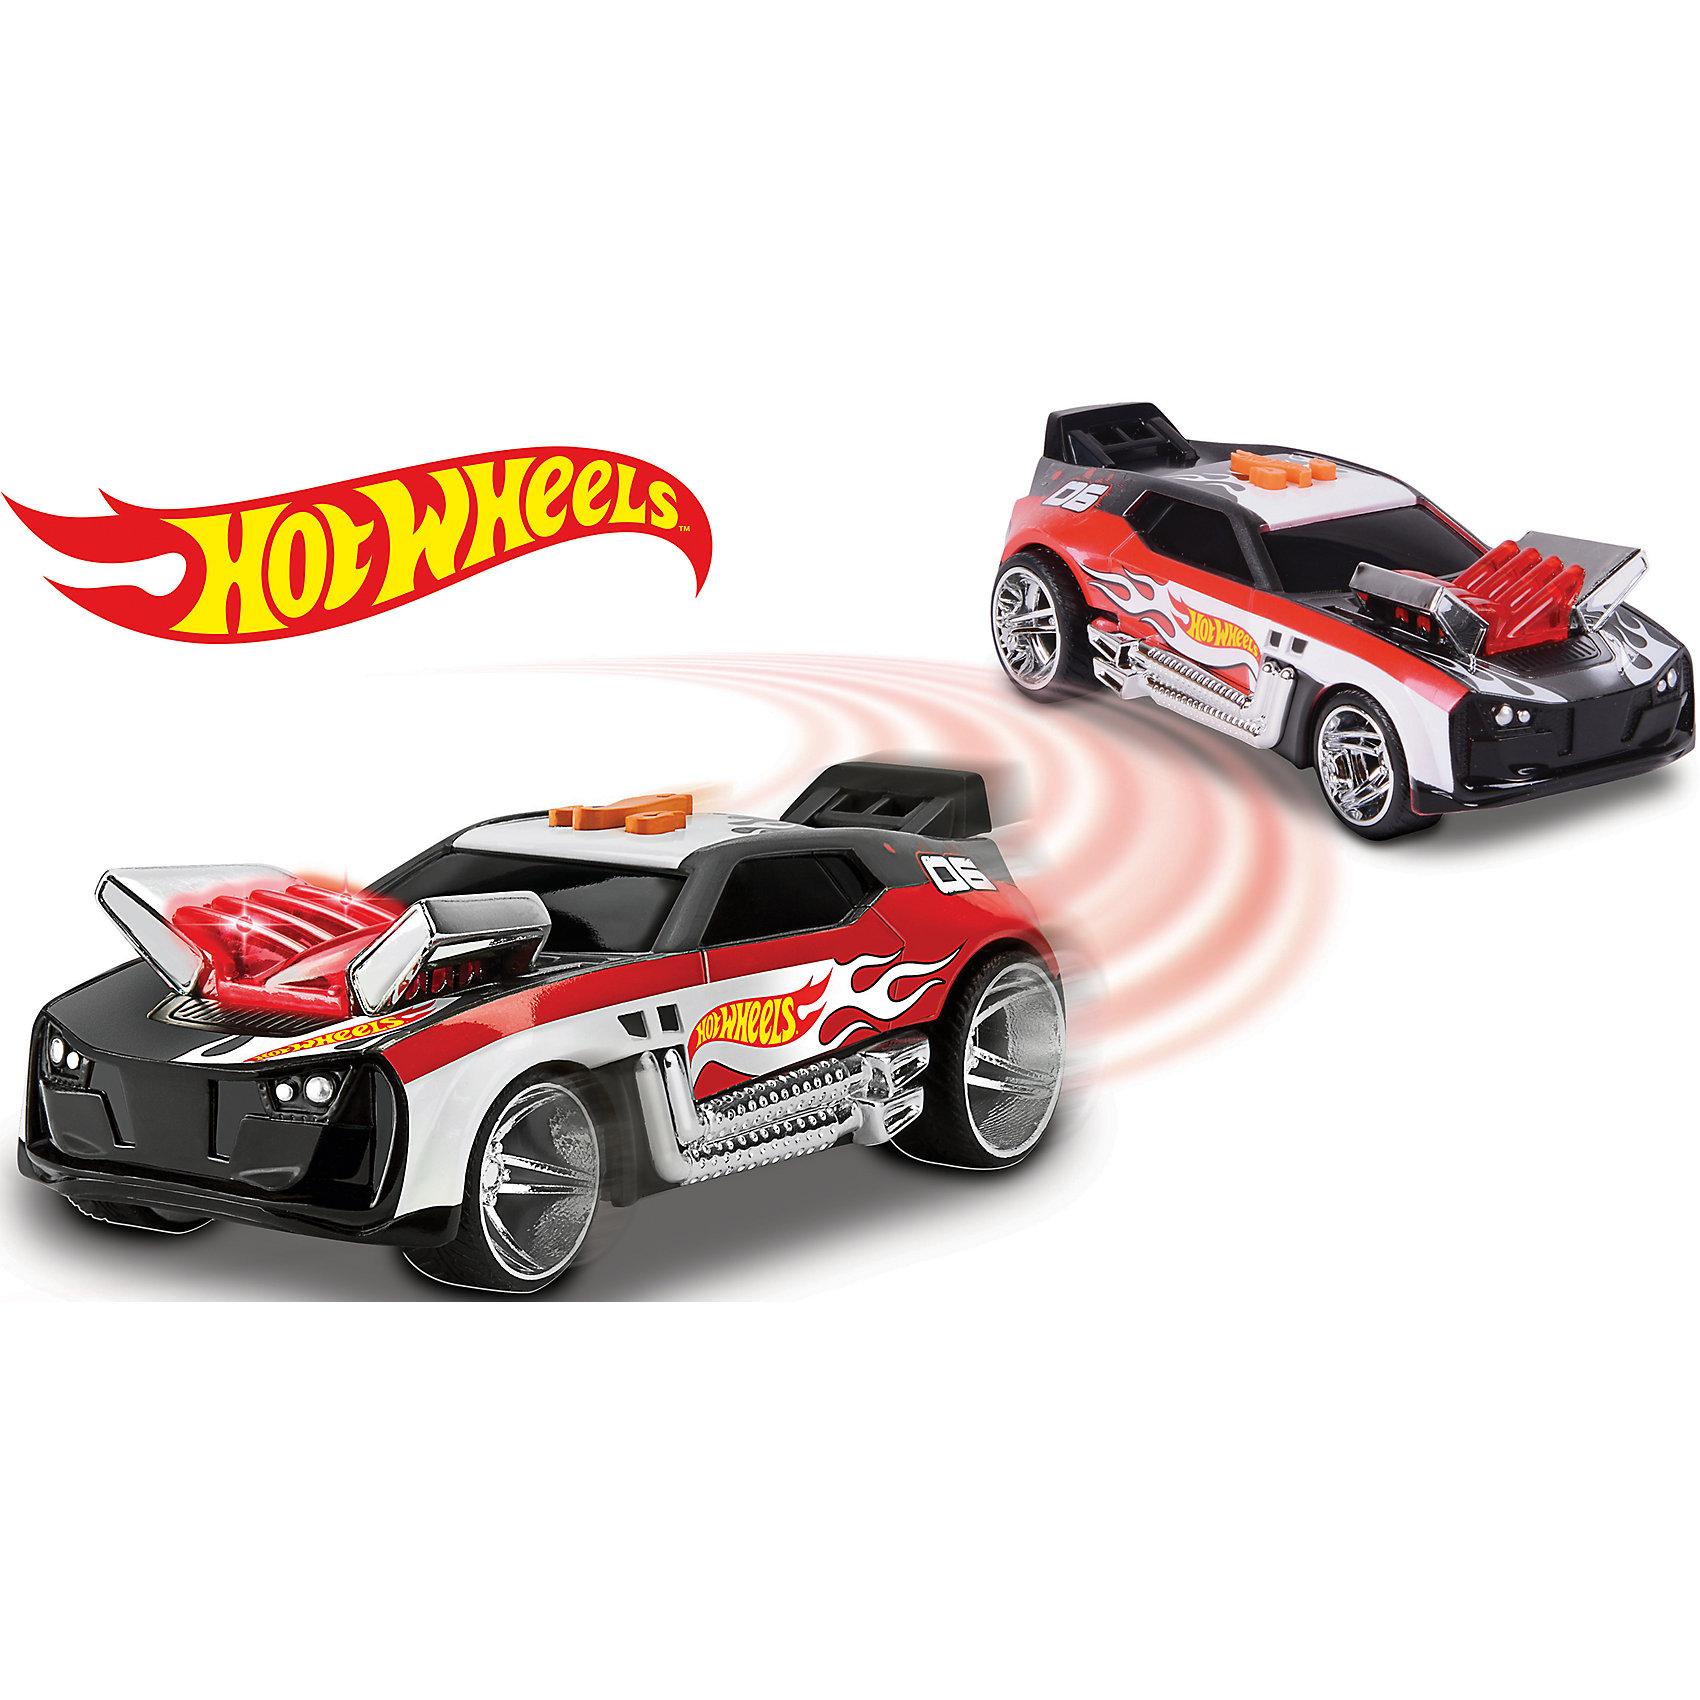 Машинка на батарейках, красная, 17 см, Hot WheelsМашинки<br>Машинка Хот Вилс электромеханическая, на батарейках, свет+звук.<br><br>Характеристики гоночной машинки Hot Wheels:<br><br>• световые эффекты: мигающие лампочки;<br>• звуковые эффекты: работающий мотор, лязг шин;<br>• функциональность модели: стремительный старт, разворот с остановкой;<br>• электронная модель: работает от батареек;<br>• длина машинки: 17 см;<br>• батарейки входят в комплект: 3 шт. типа ААА;<br>• размер упаковки: 23х11х12 см;<br>• вес упаковки: 318 г.<br><br>Скоростные гонки, жажда скорости, молниеносный старт – гоночные машинки Hot Wheels порадуют мальчишек турбодвигателем с электромеханической подвеской. <br><br>Машинку на батарейках, красную, 17 см, Hot Wheels можно купить в нашем интернет-магазине.<br><br>Ширина мм: 230<br>Глубина мм: 120<br>Высота мм: 110<br>Вес г: 348<br>Возраст от месяцев: 36<br>Возраст до месяцев: 2147483647<br>Пол: Мужской<br>Возраст: Детский<br>SKU: 5066698